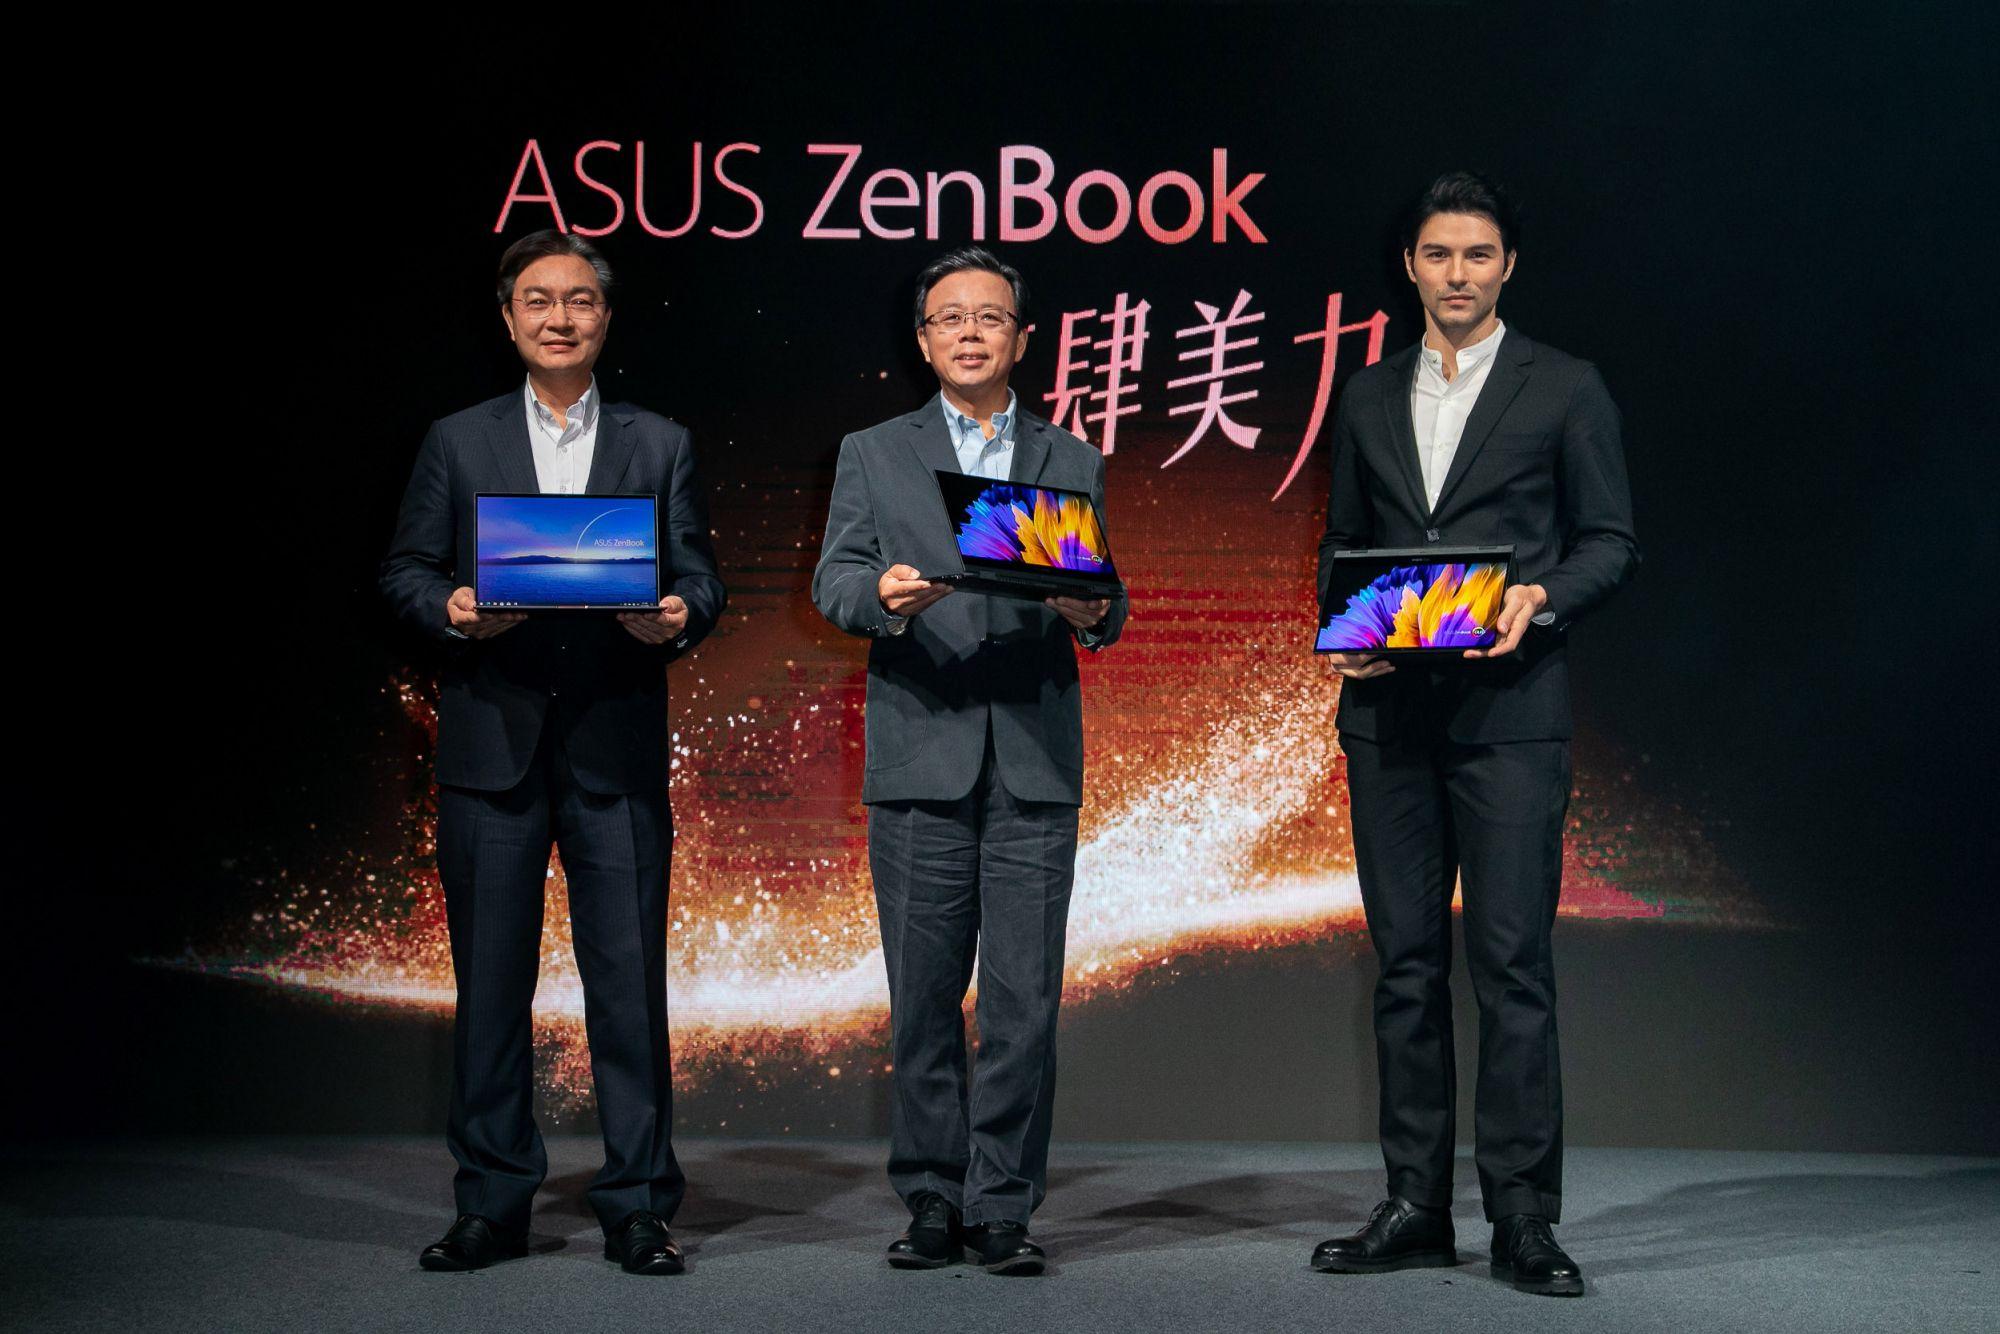 左起,華碩聯合科技總經理林福能、華碩共同執行長胡書賓及ZenBook產品大使鳳小岳出席ZenBook新品記者會。